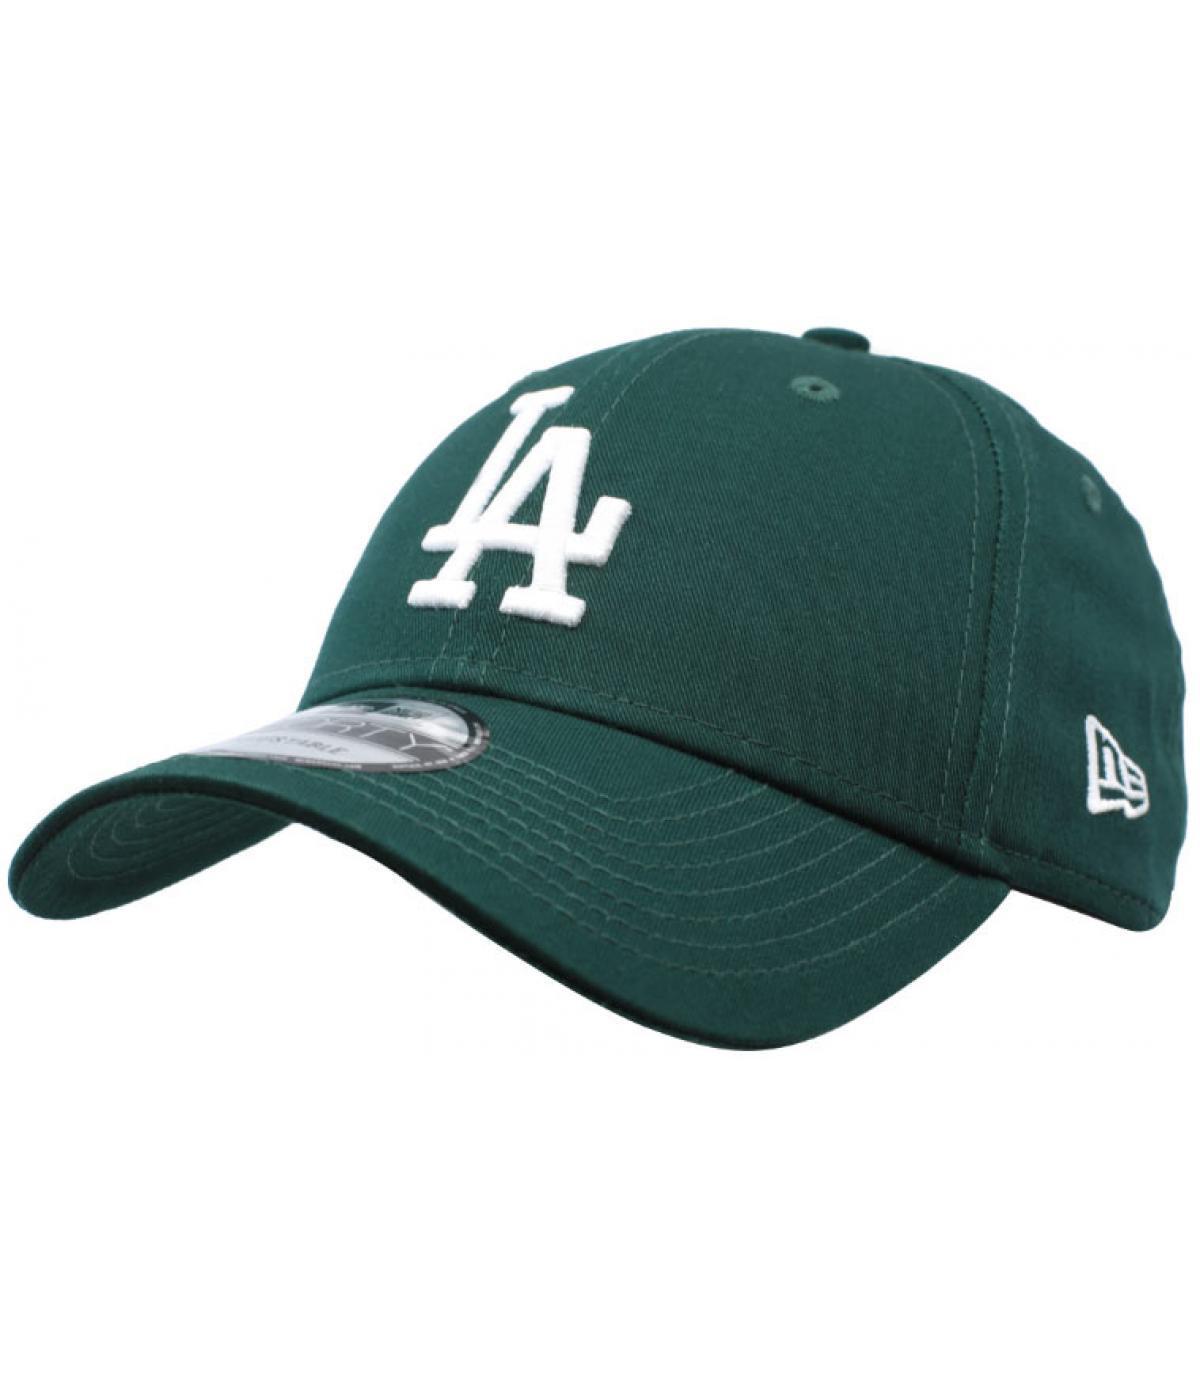 casquette enfant LA vert